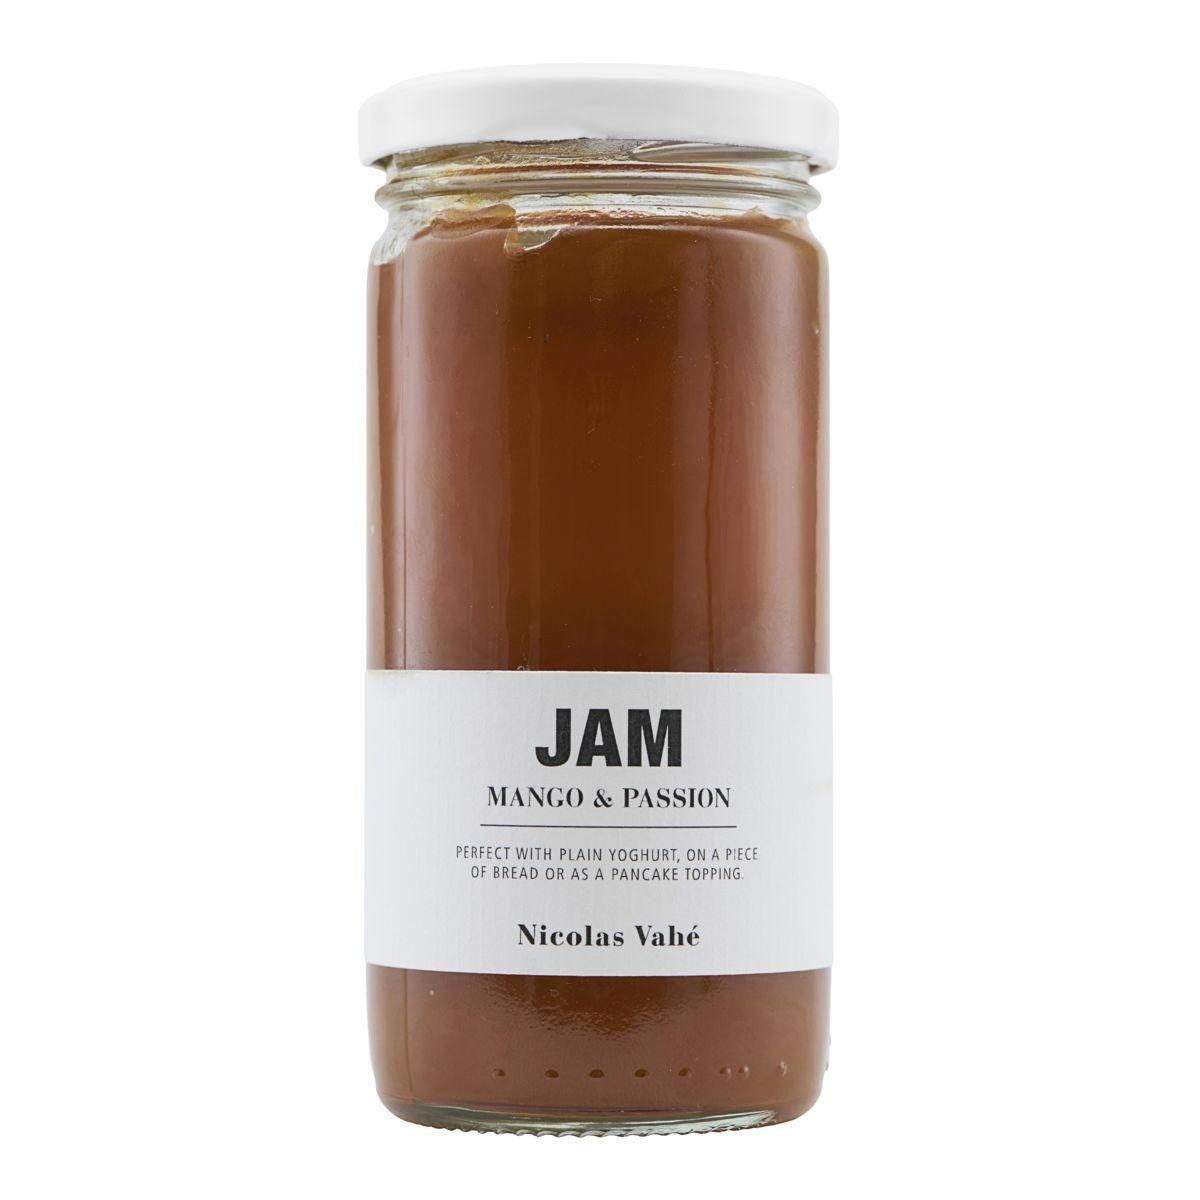 Nicolas Vahé Mangový džem s marakujou 290 g, oranžová barva, bílá barva, sklo